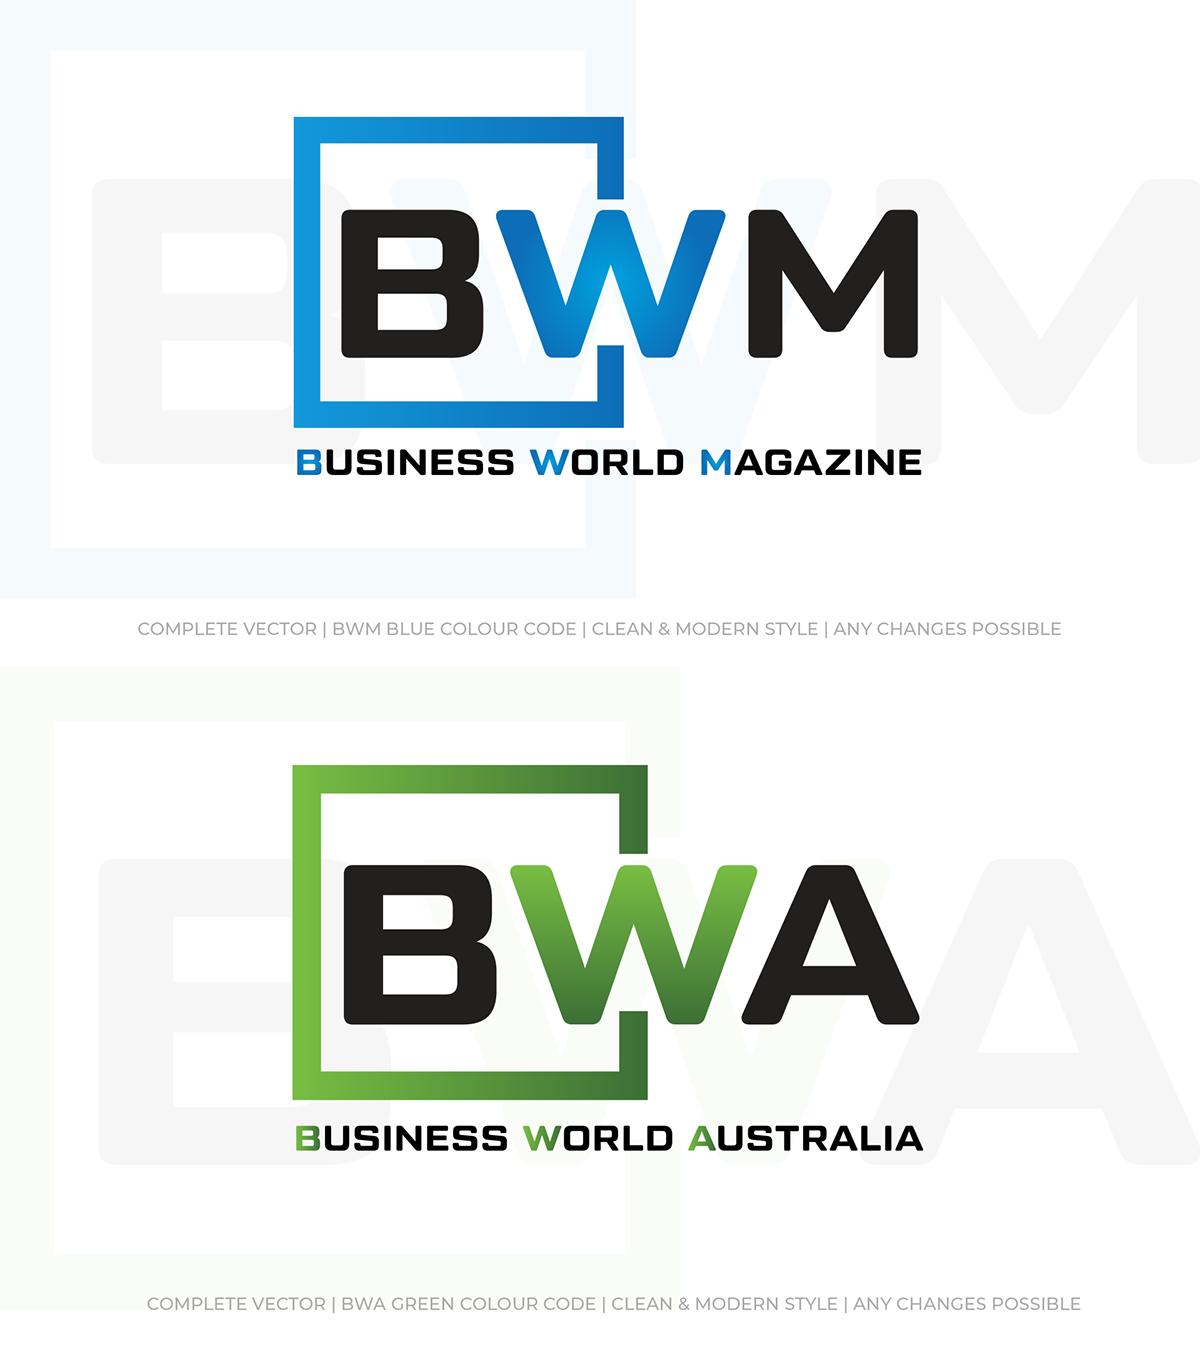 Image may contain: abstract, screenshot and logo